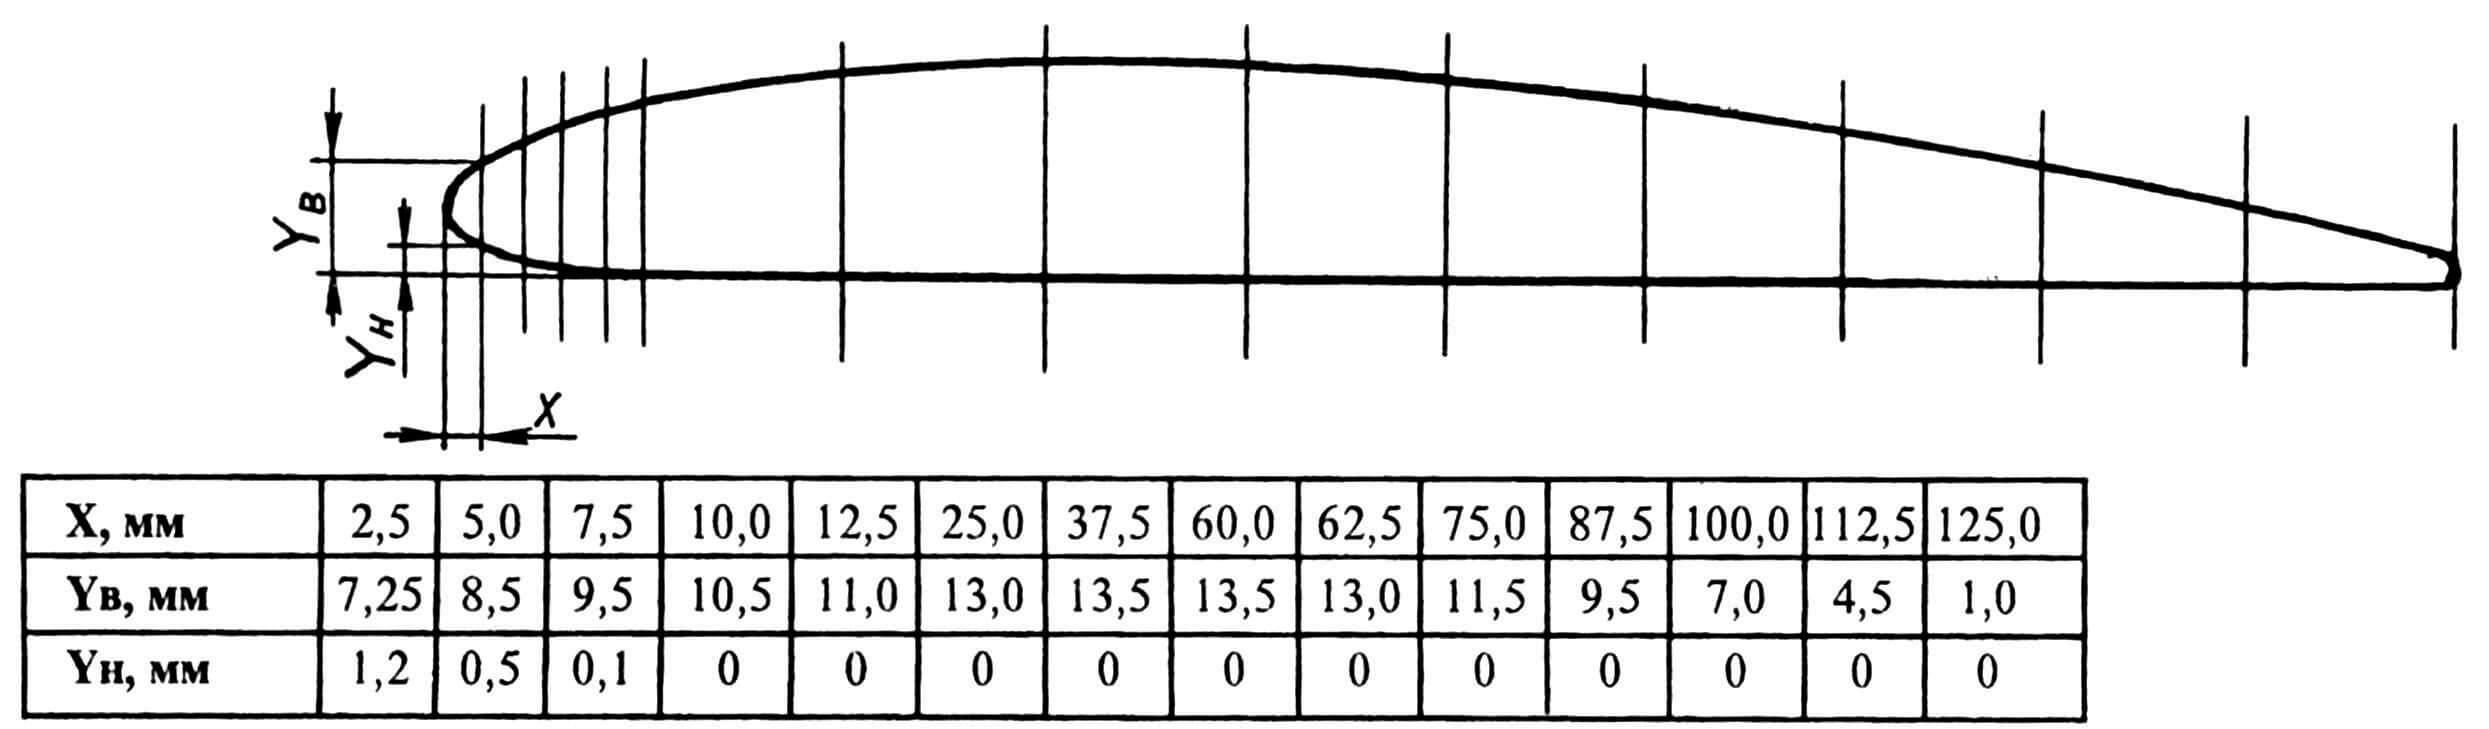 Теоретический профиль крыла модели.